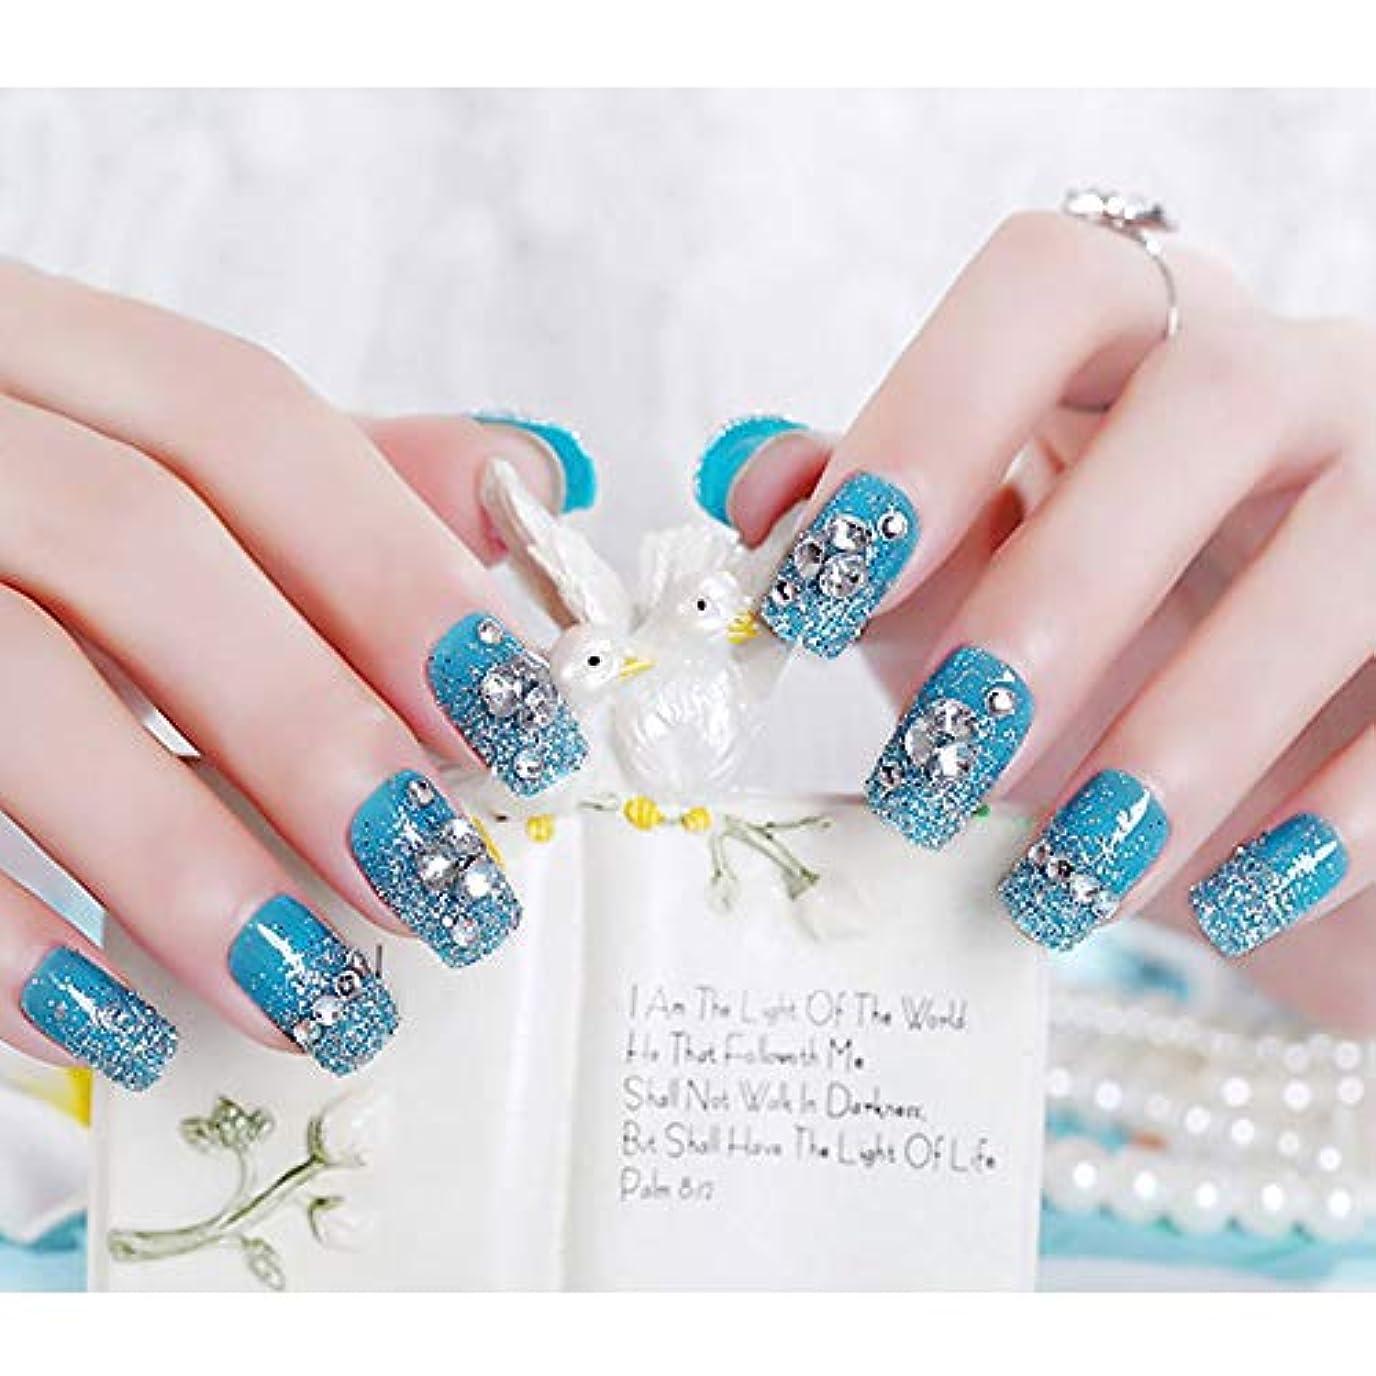 マイクロフォン偏心おめでとうXUTXZKA 女性フルカバーネイルアートのヒントシャイニーラインストーングリッターフェイクネイルファッションブルーカラー偽爪24ピース